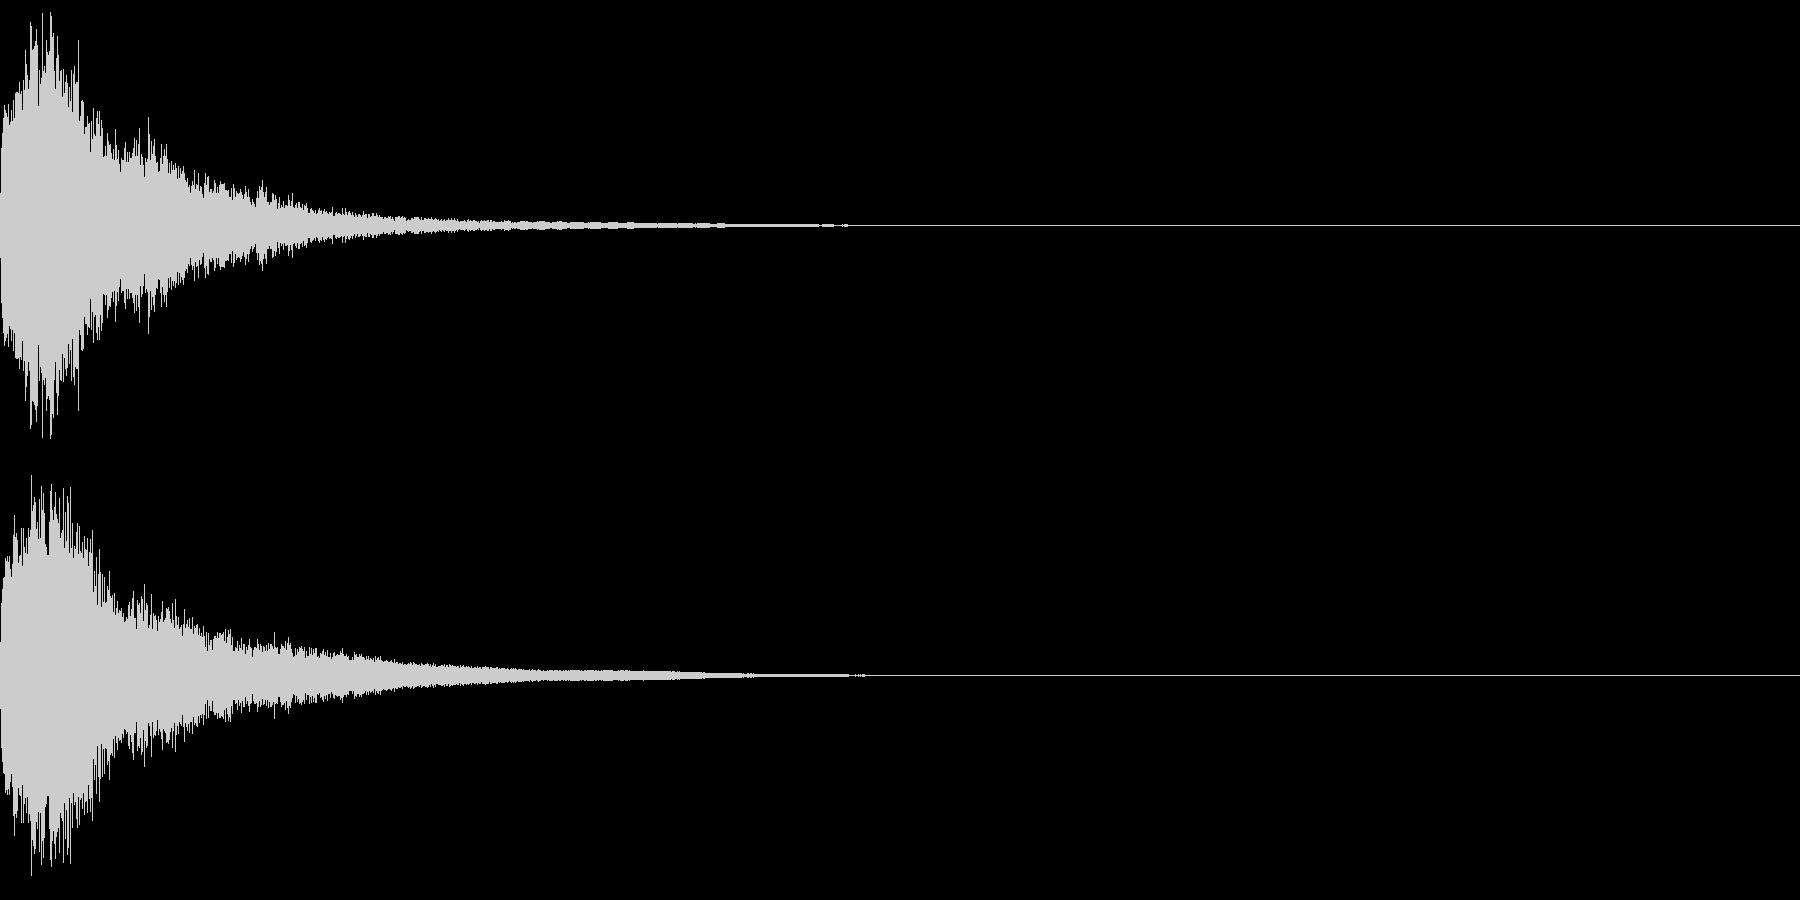 刀 一撃 キュイーン キーン 斬撃 09の未再生の波形